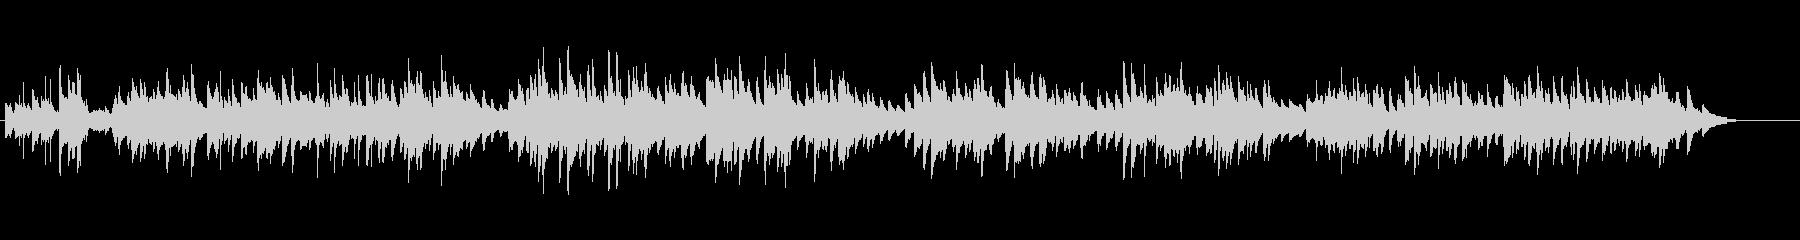 20世紀初頭のアメリカのピアノワルツ曲の未再生の波形